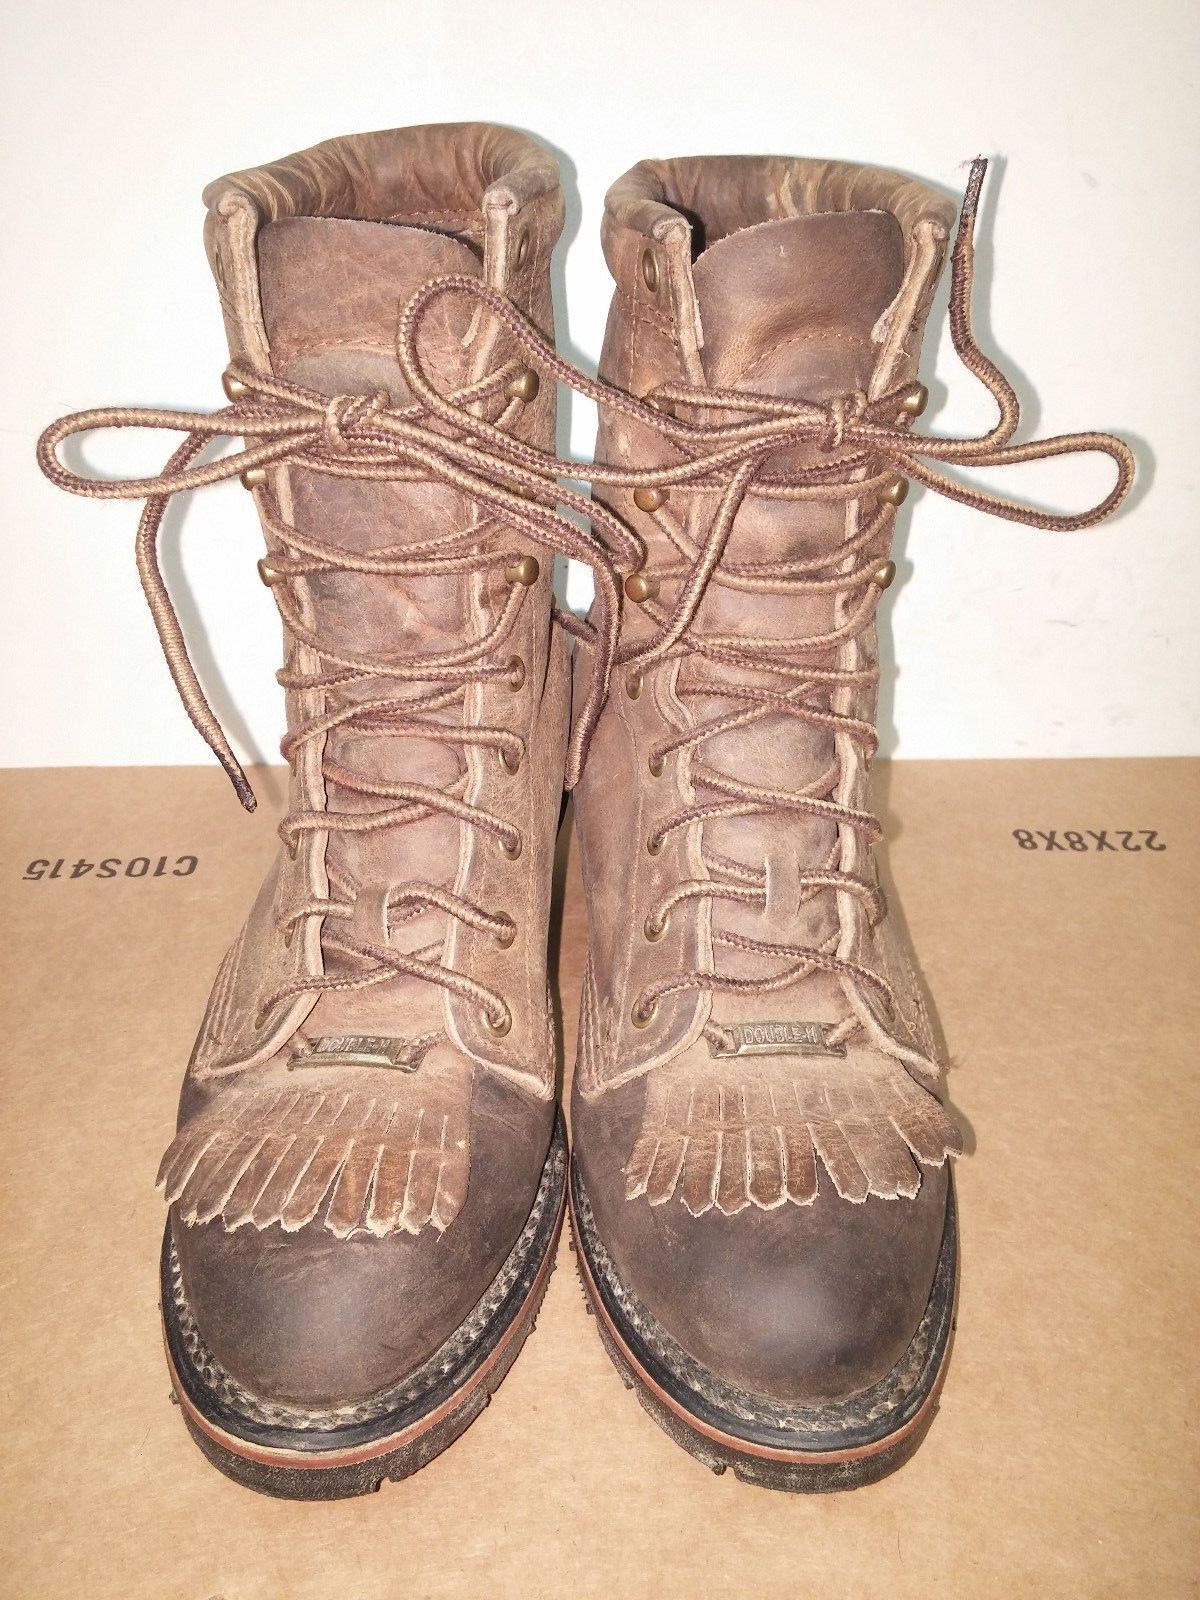 VTG Double H Packer 9968 Women Leather